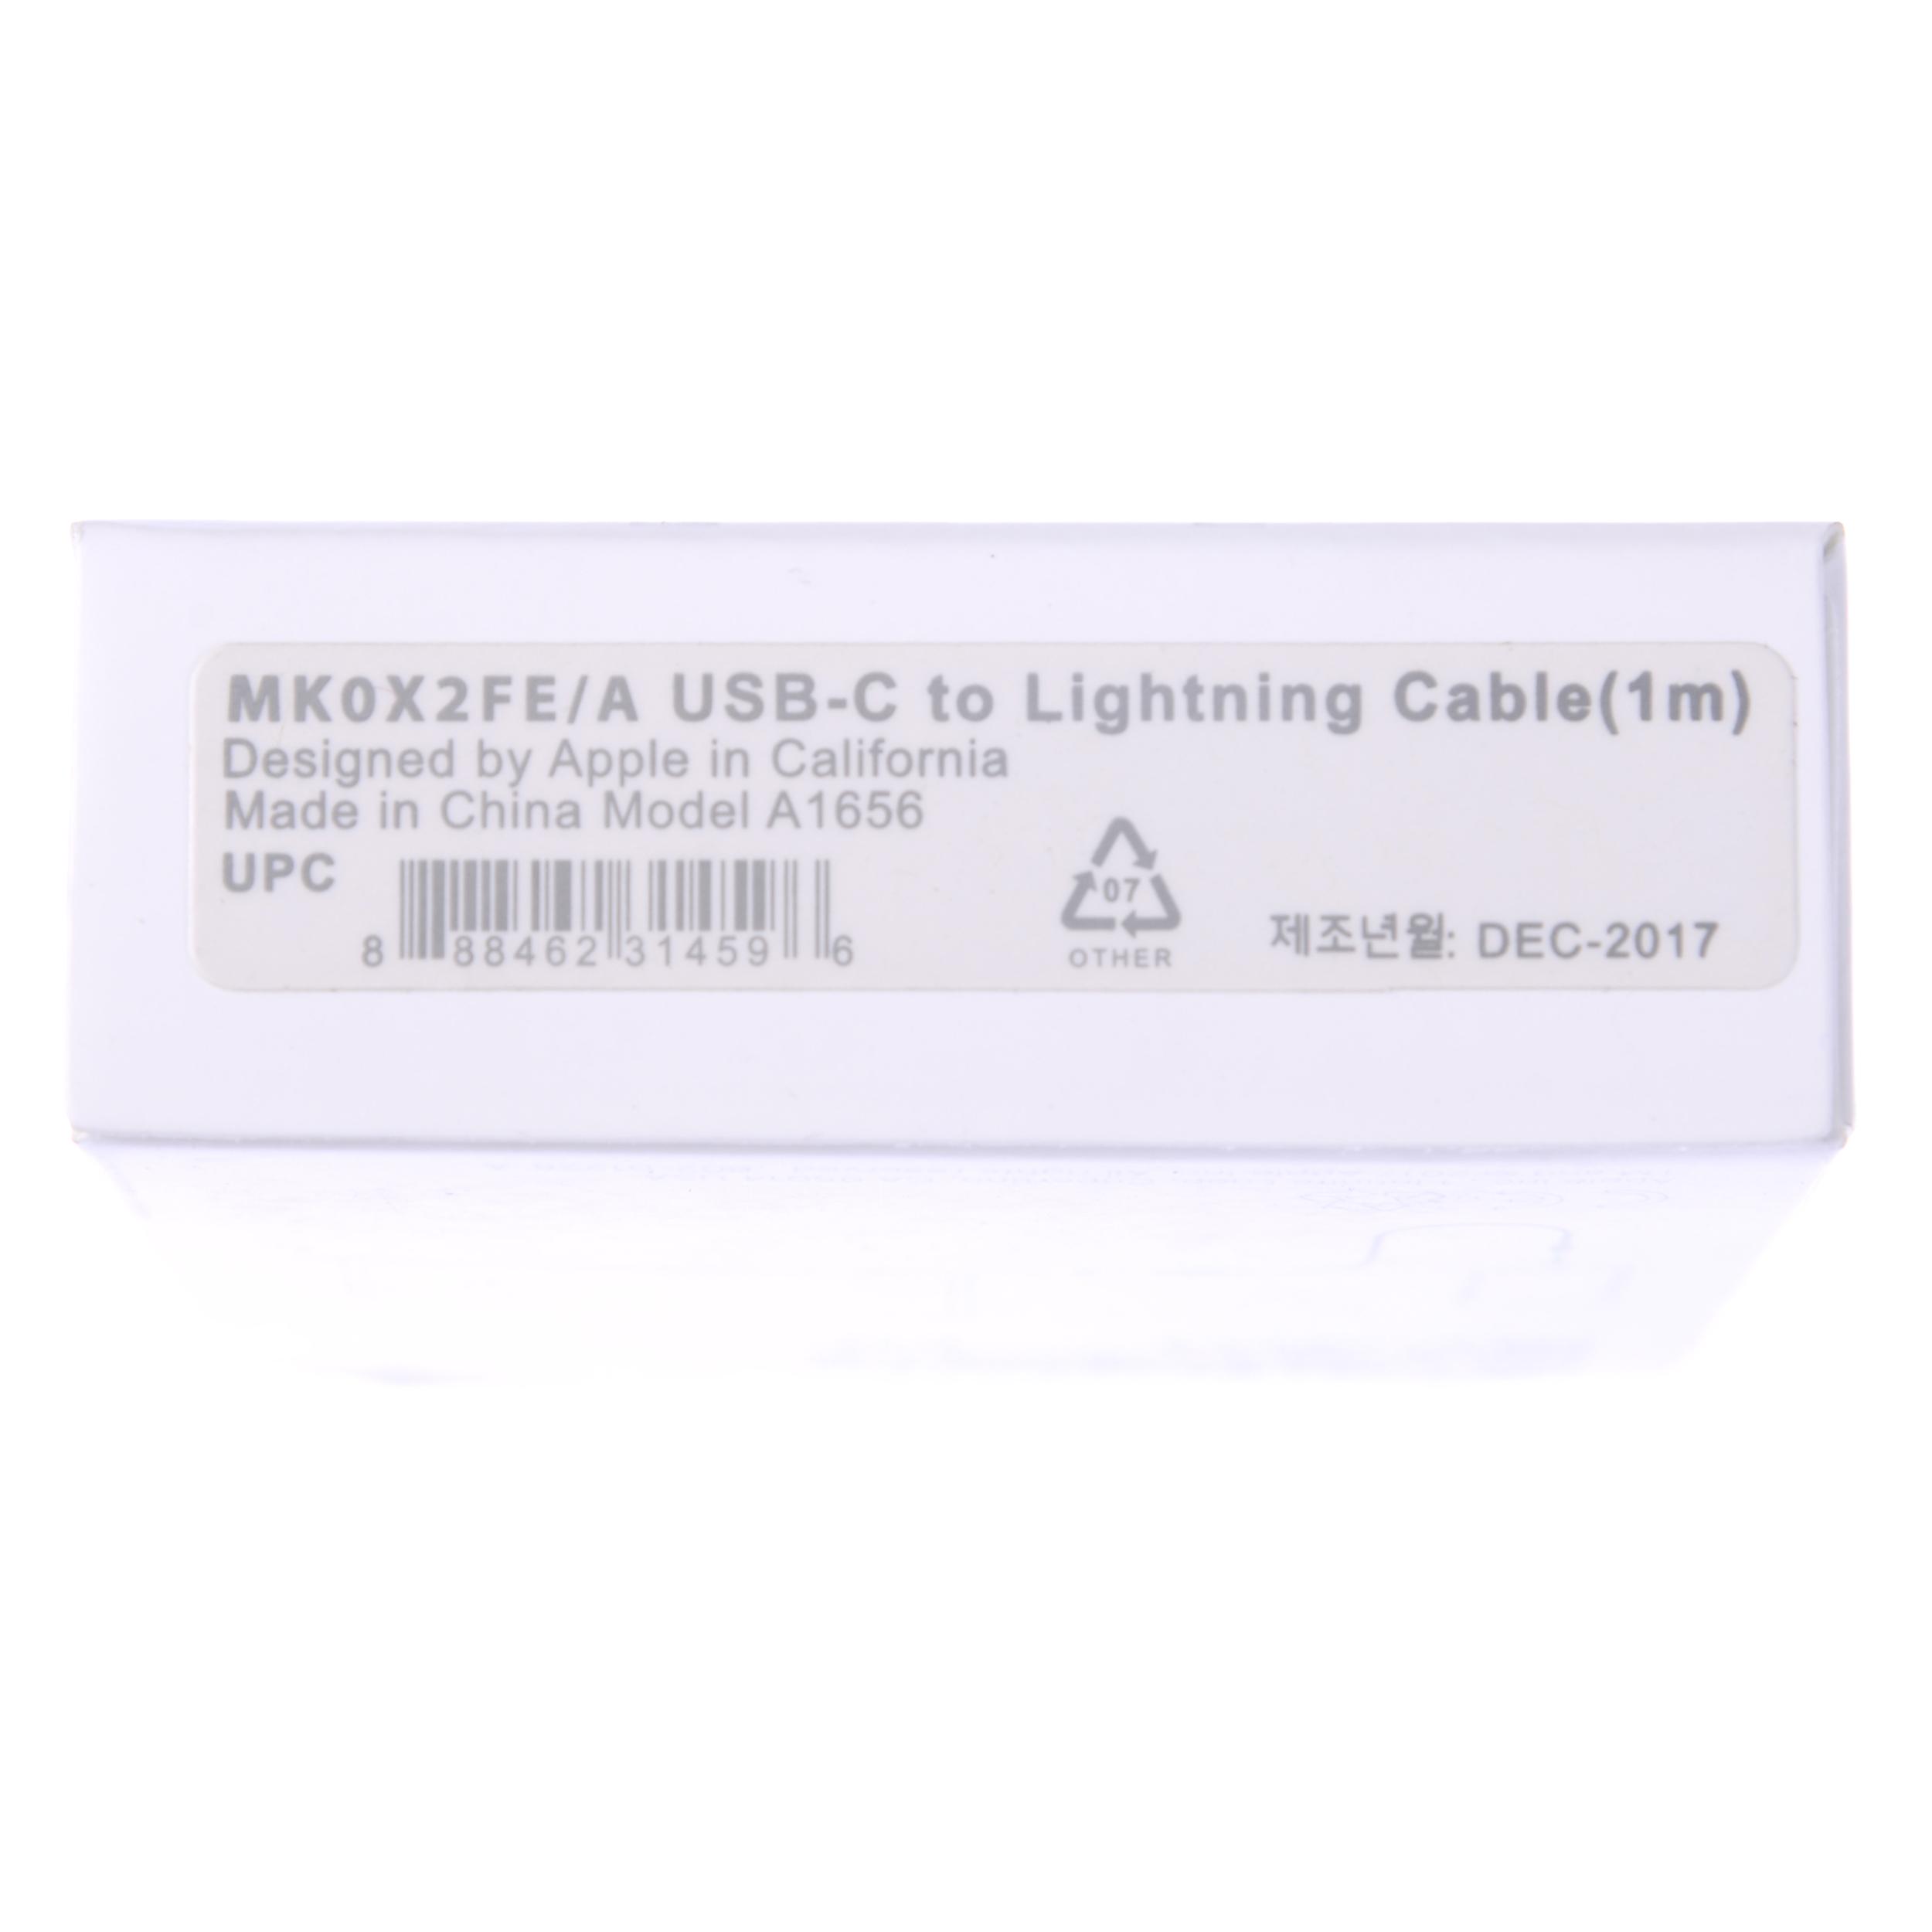 کابل تبدیل USB-C به لایتنینگ مدل MK0X2FE/A A1656 طول 1 متر main 1 4